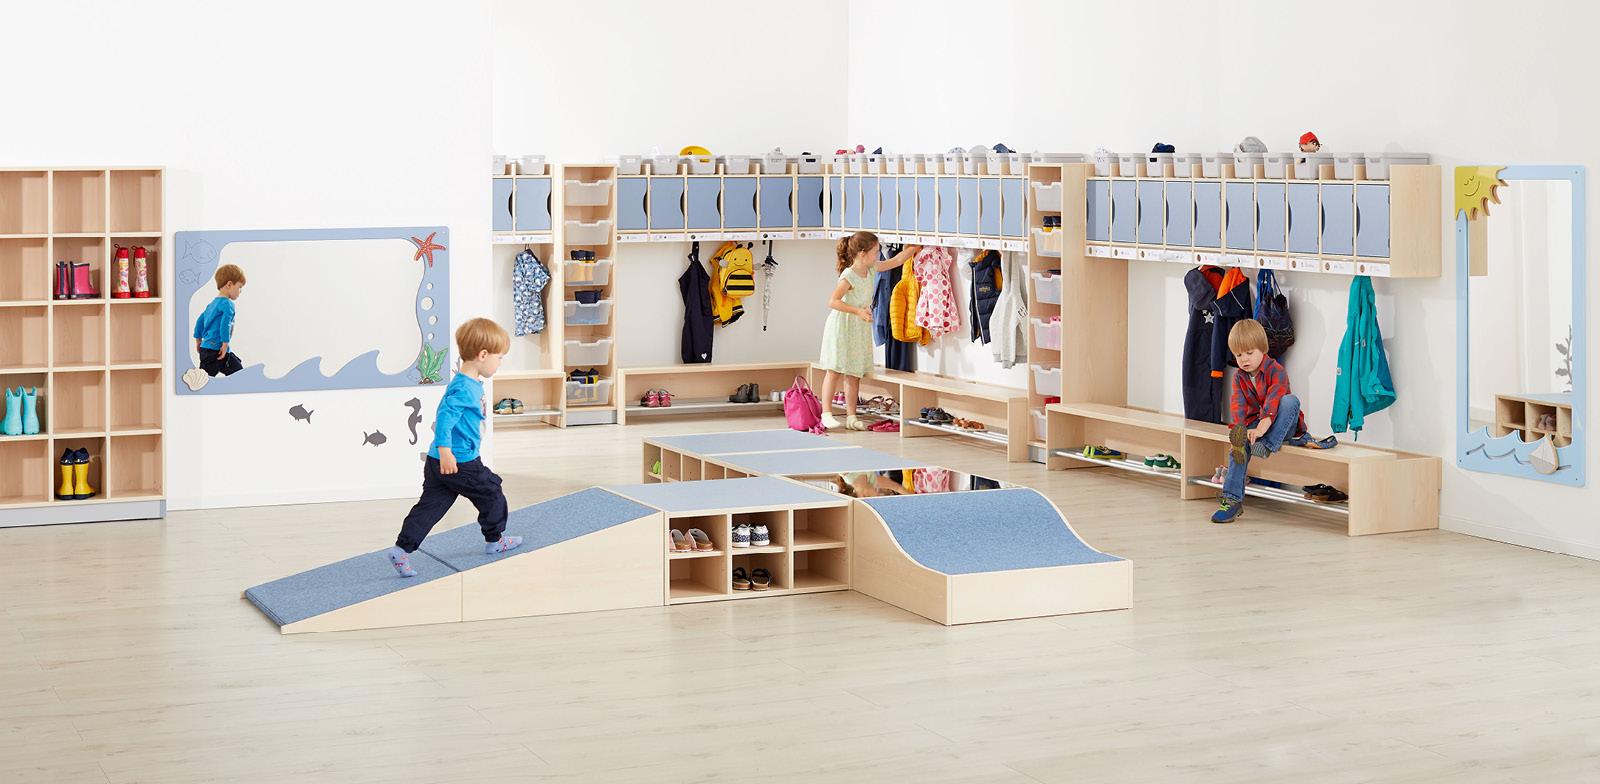 Krippen-, Kita-, Hort- oder Kindergartenmöbel. Entdecken Sie unser großes Möbel-Sortiment – hergestellt in Deutschland.